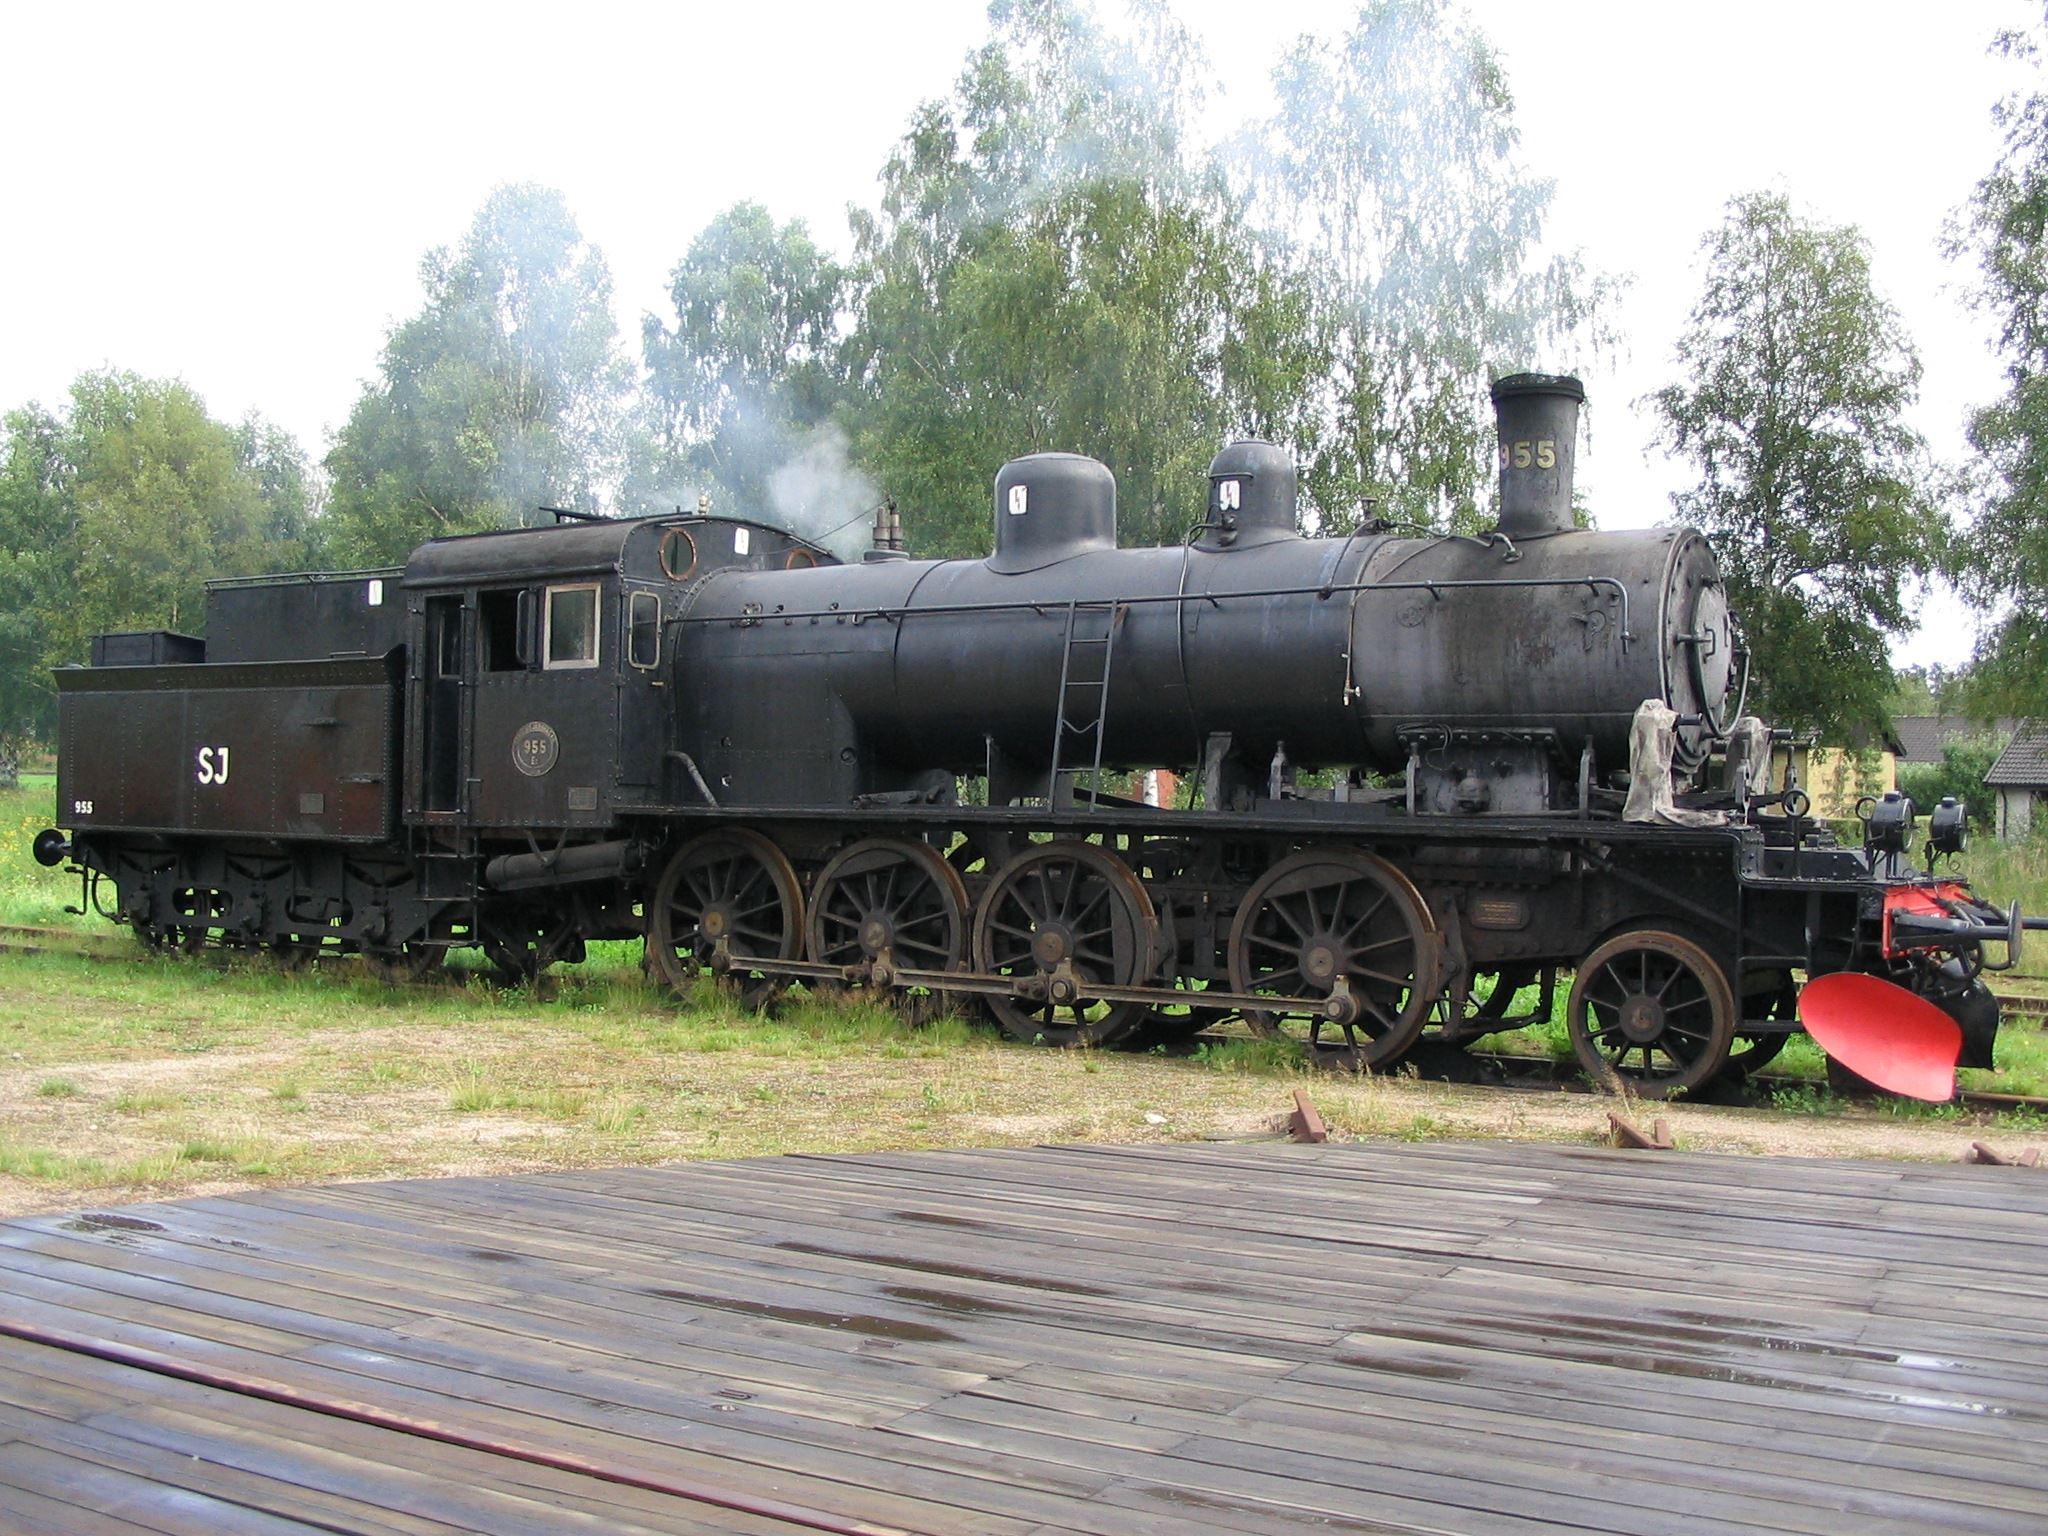 Rälsbuss, Dressin, Lokstallar & Museum Skåne Smålands Jernvägsmuseiförening